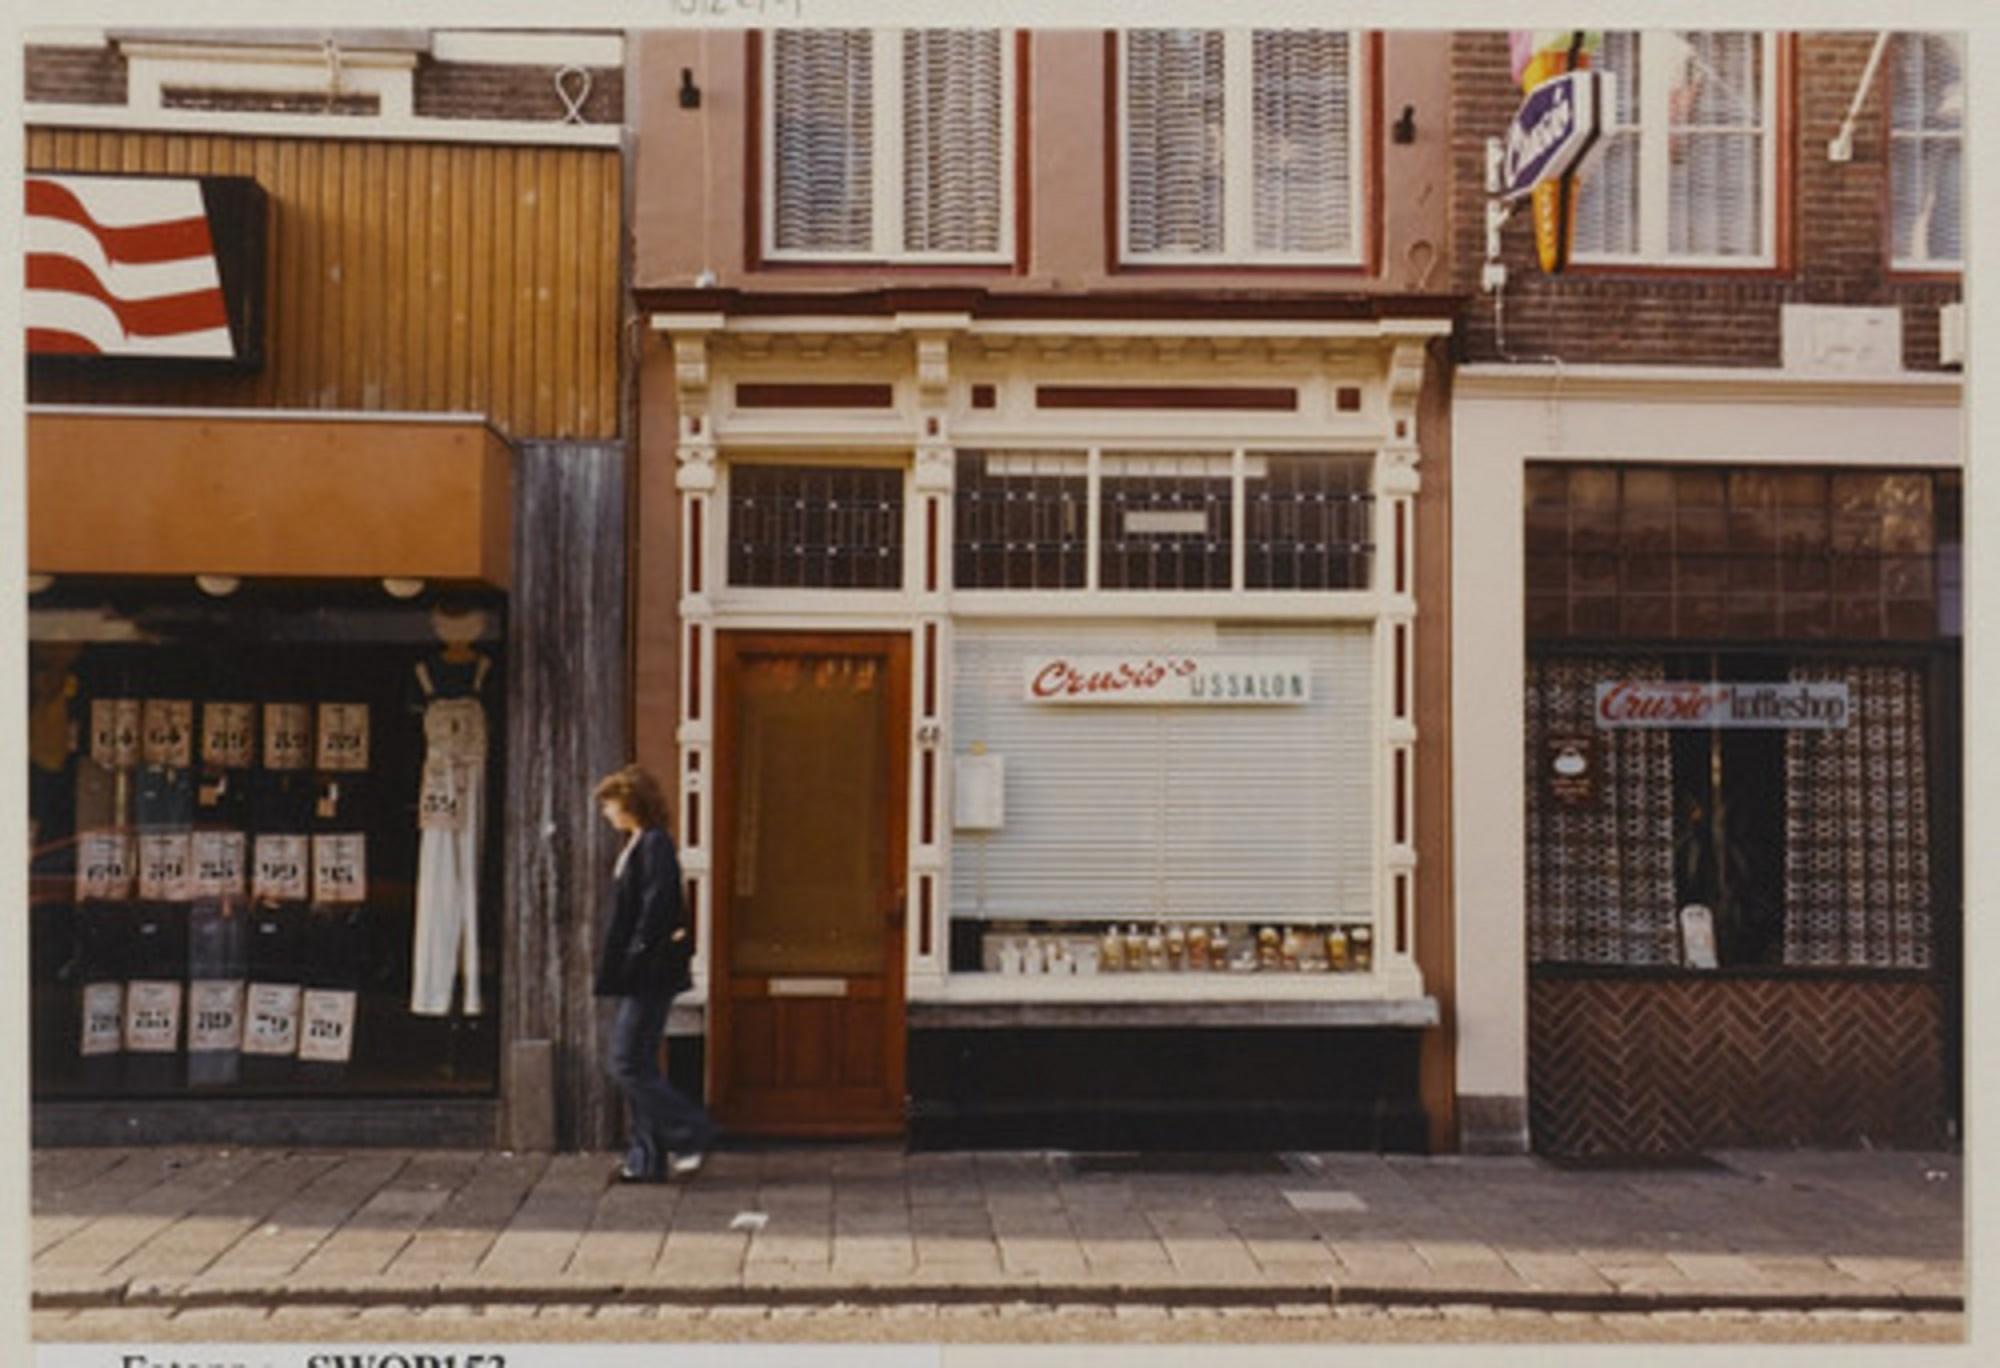 ijszaak crusio vroeger winkels in bergen op zoom